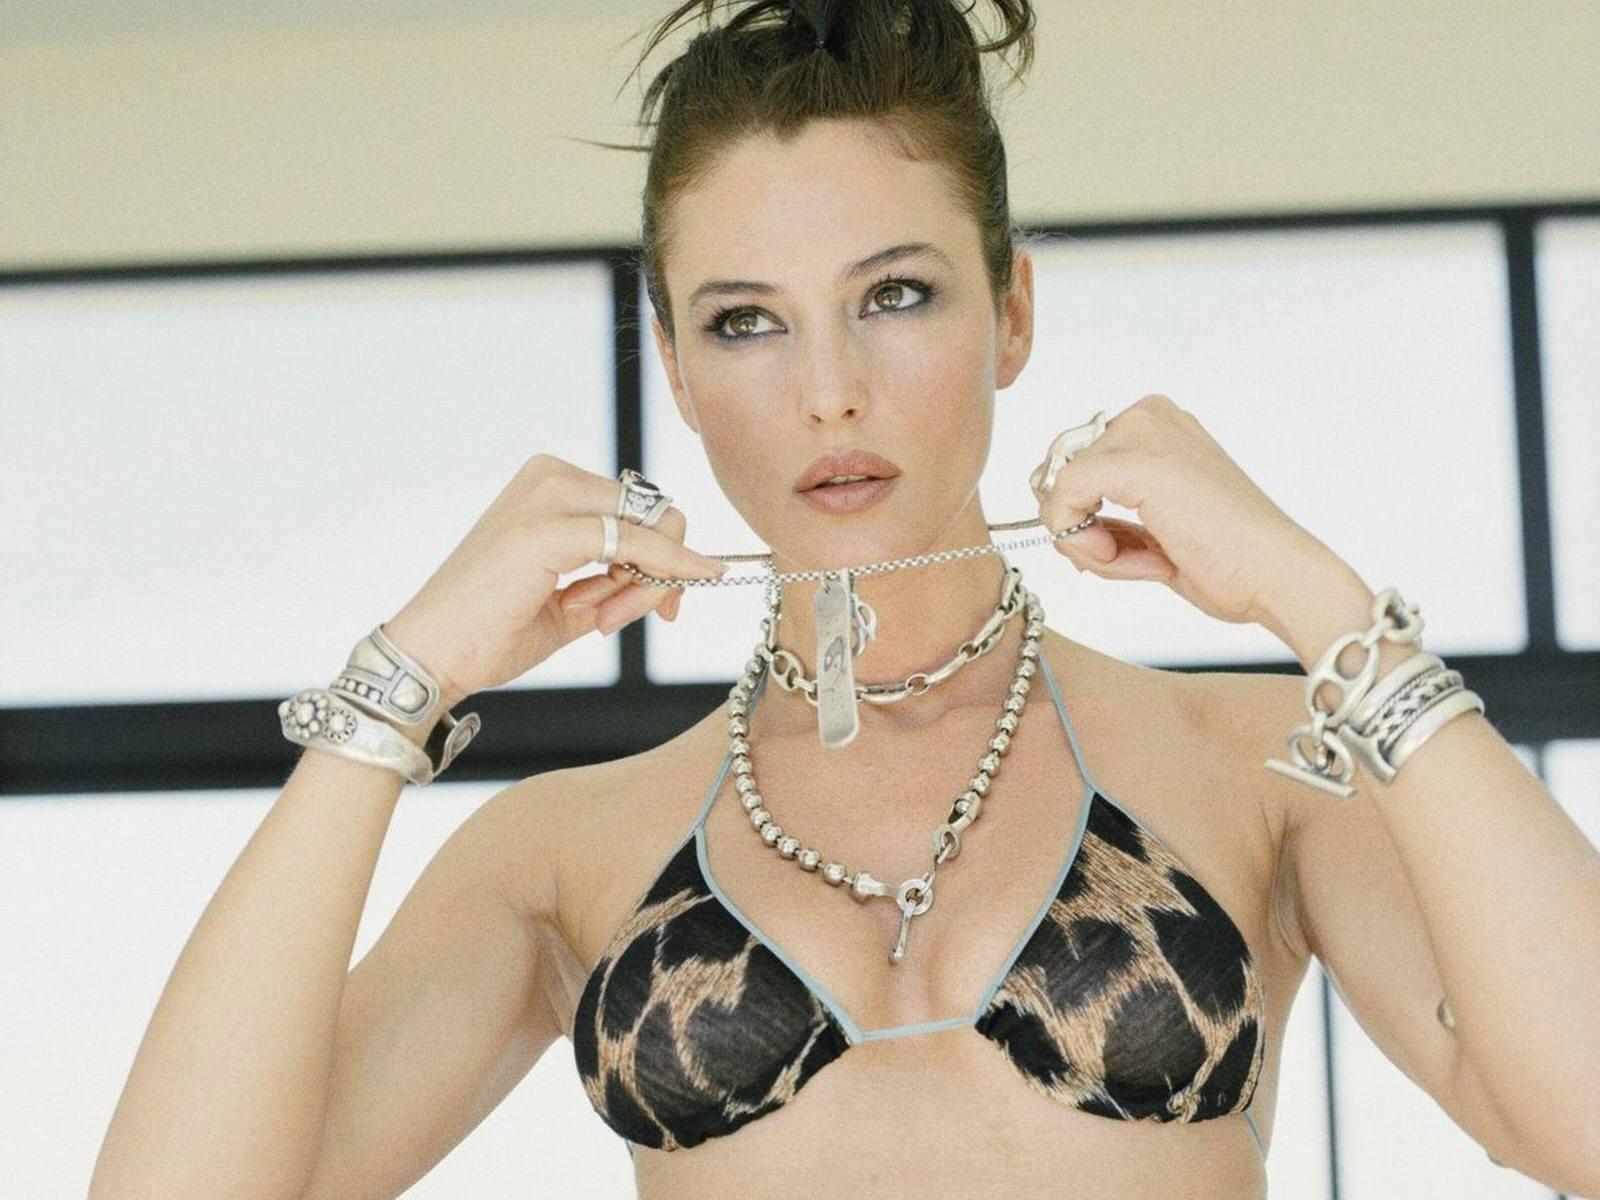 Wallpaper: una cascata di gioielli per Monica Bellucci